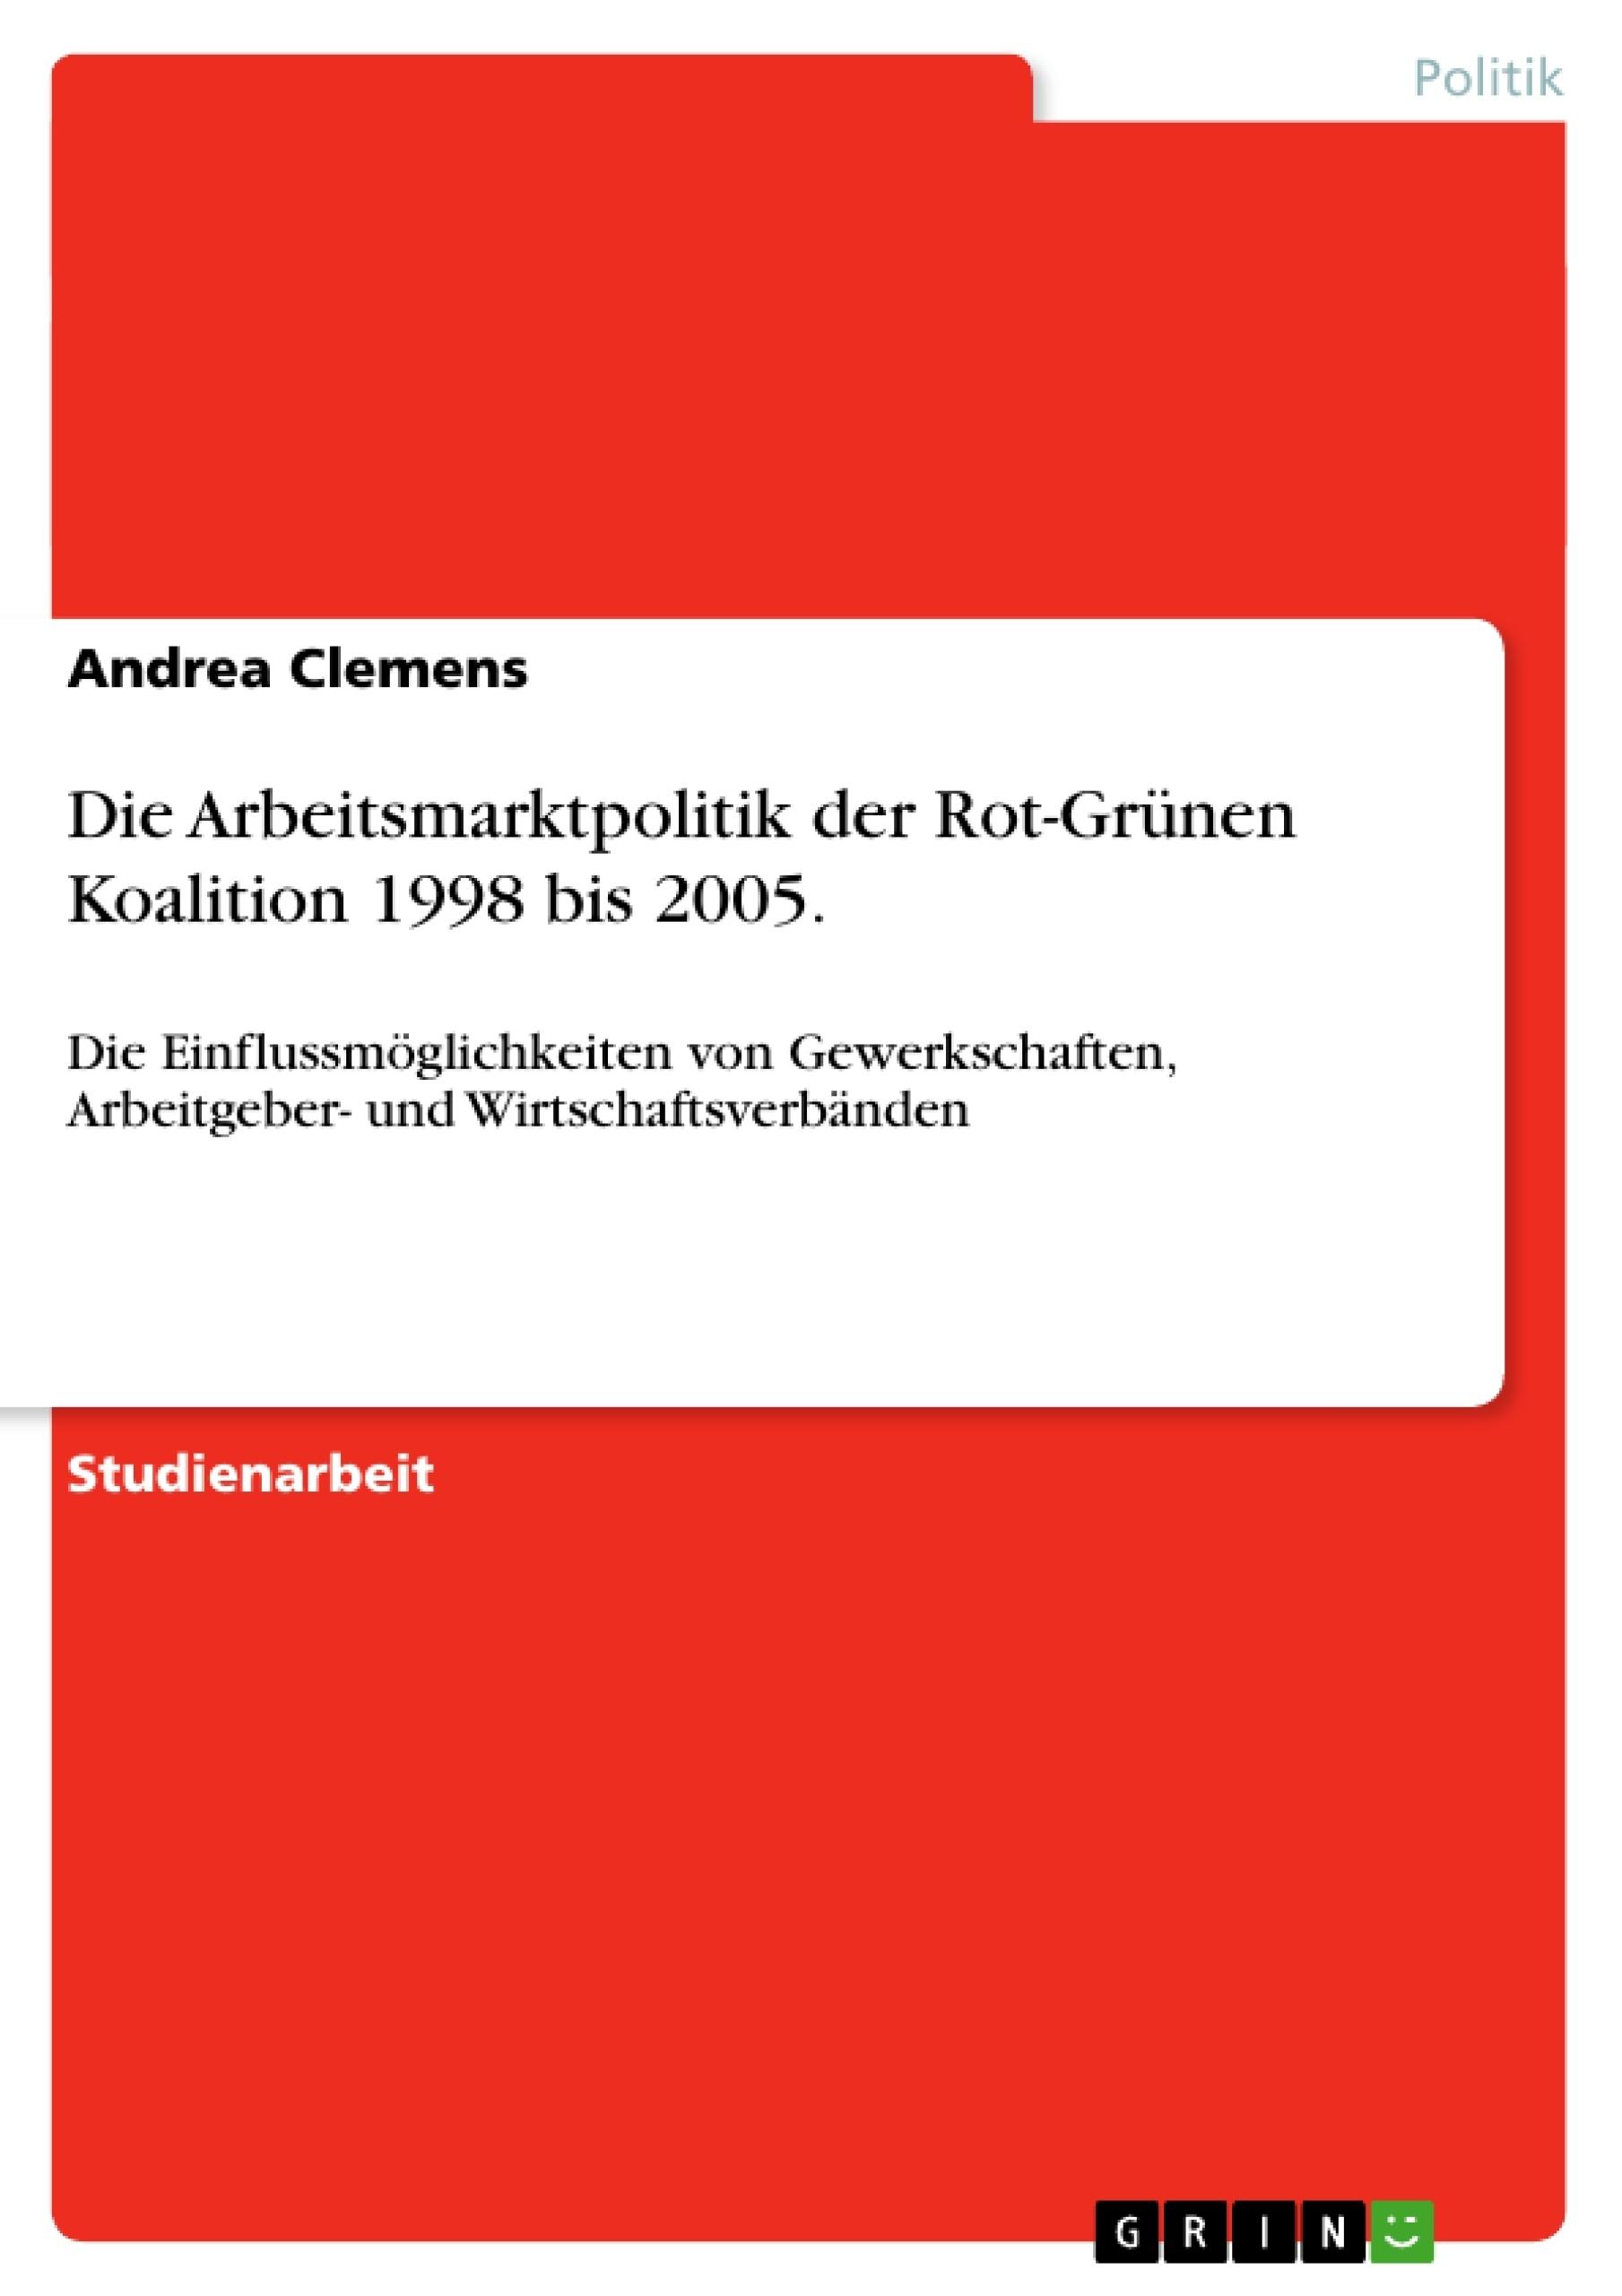 Titel: Die Arbeitsmarktpolitik der Rot-Grünen Koalition 1998 bis 2005.